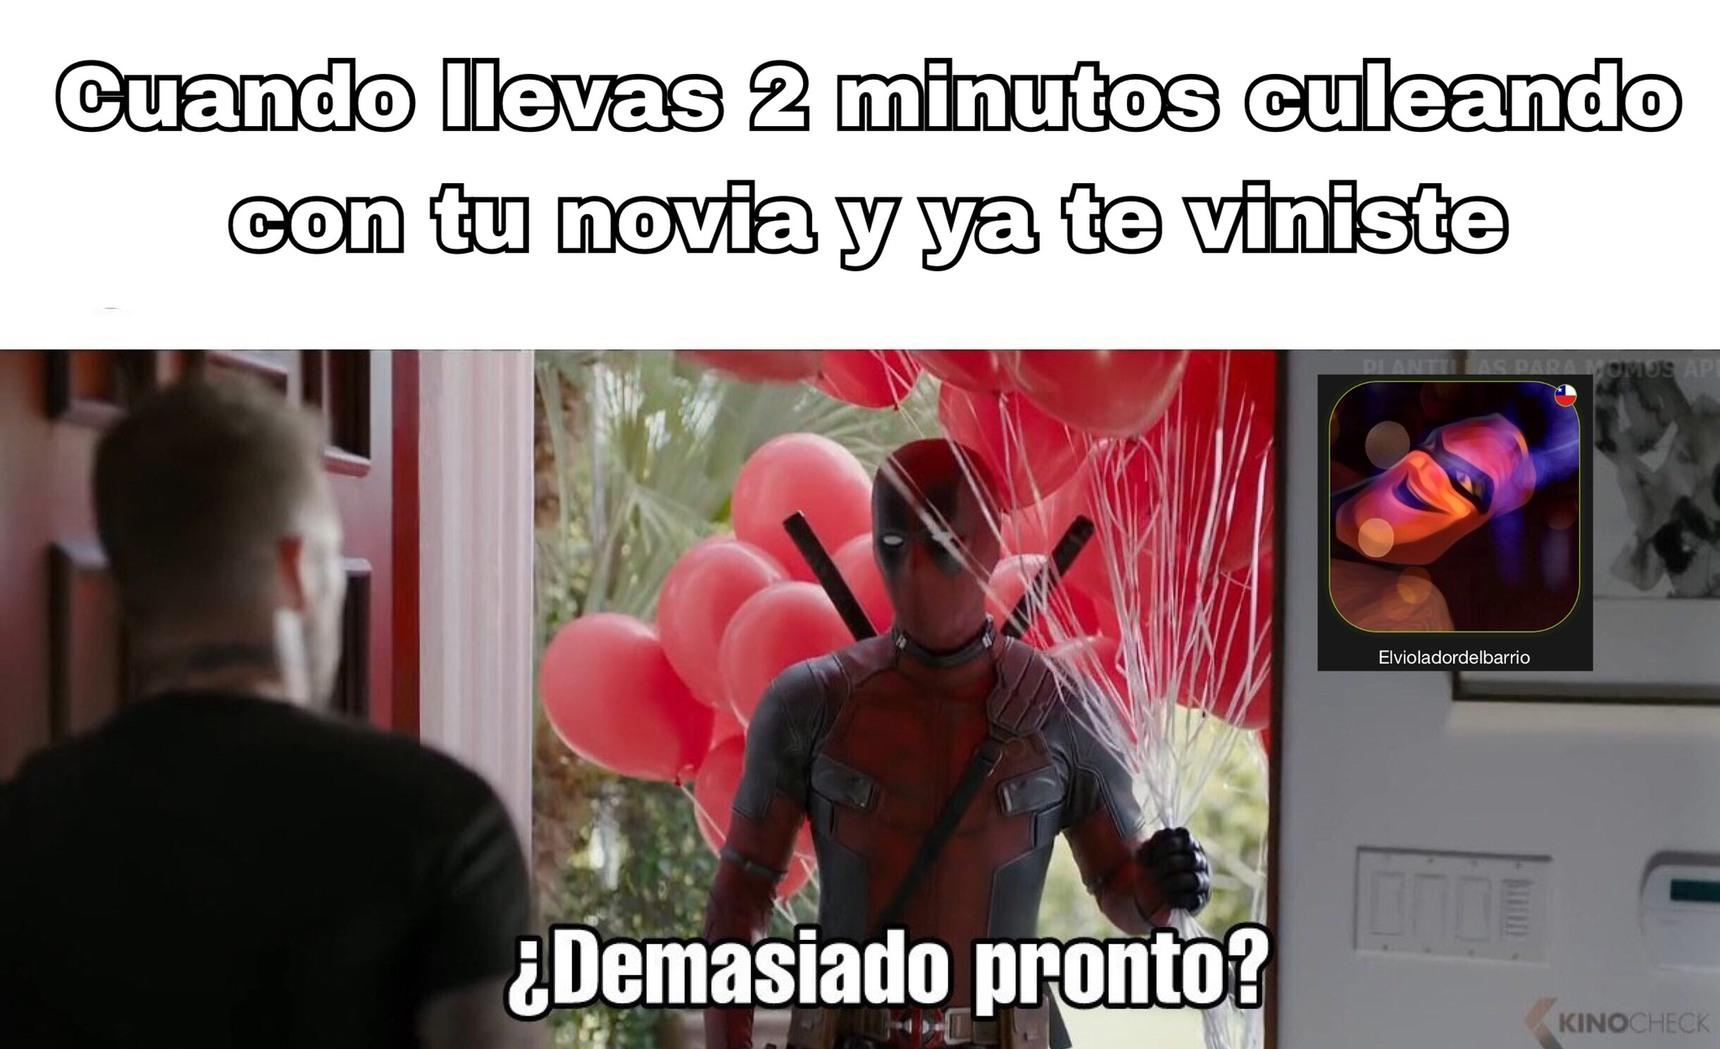 2 fast 4 me - meme